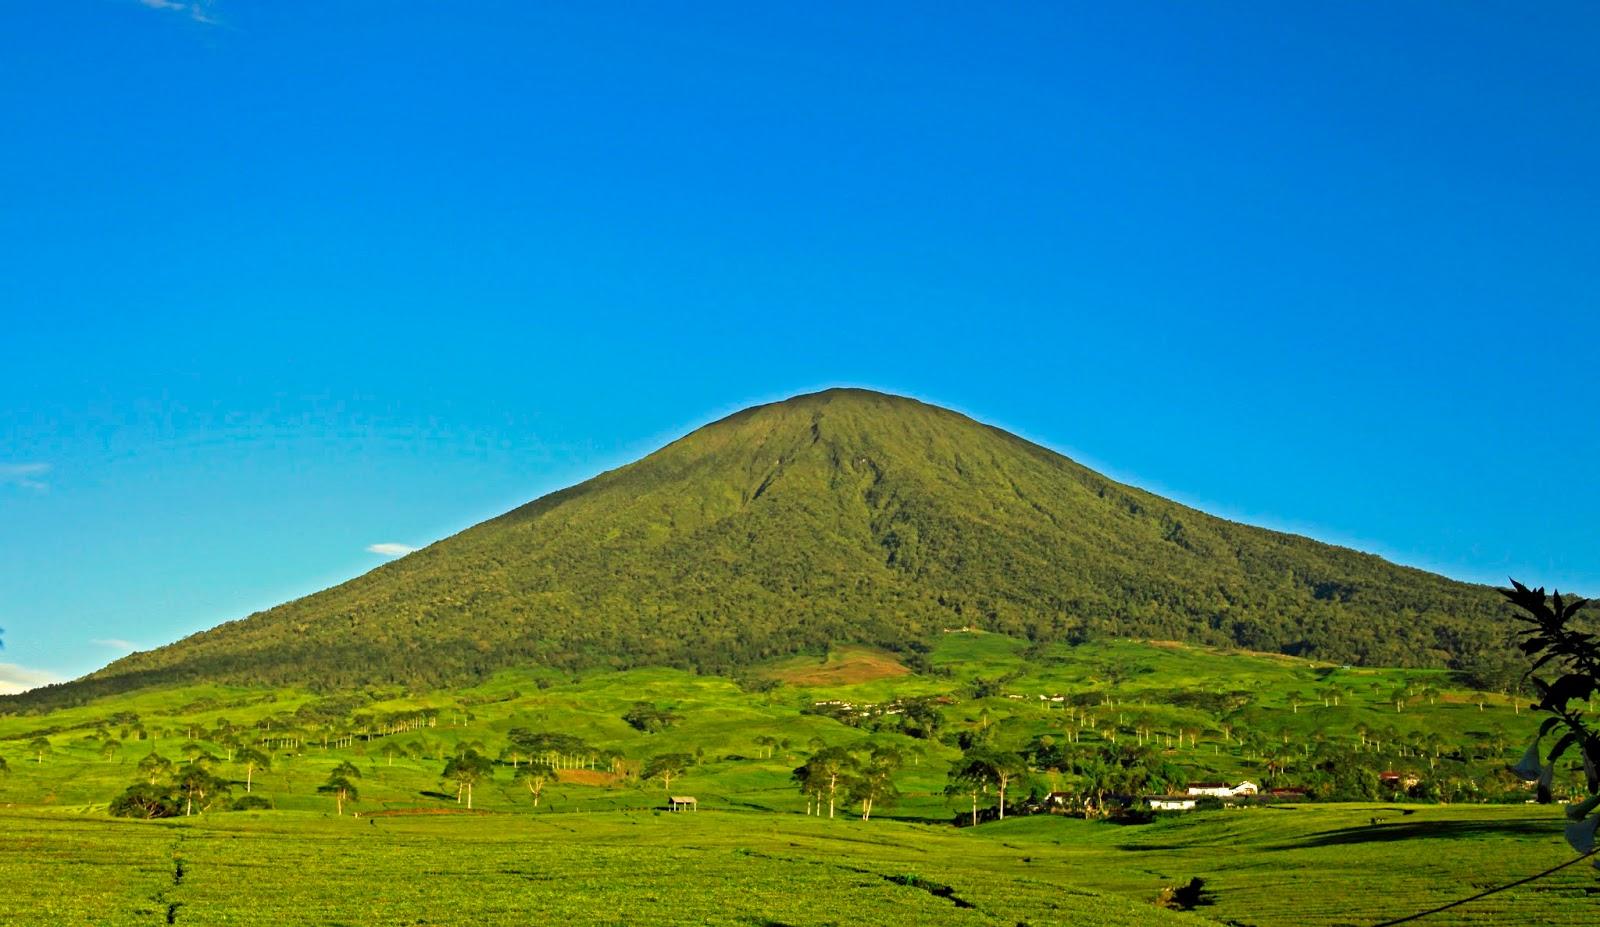 gunung dempo pagaralam masih aktif atau tidak gunung dempo pendakian